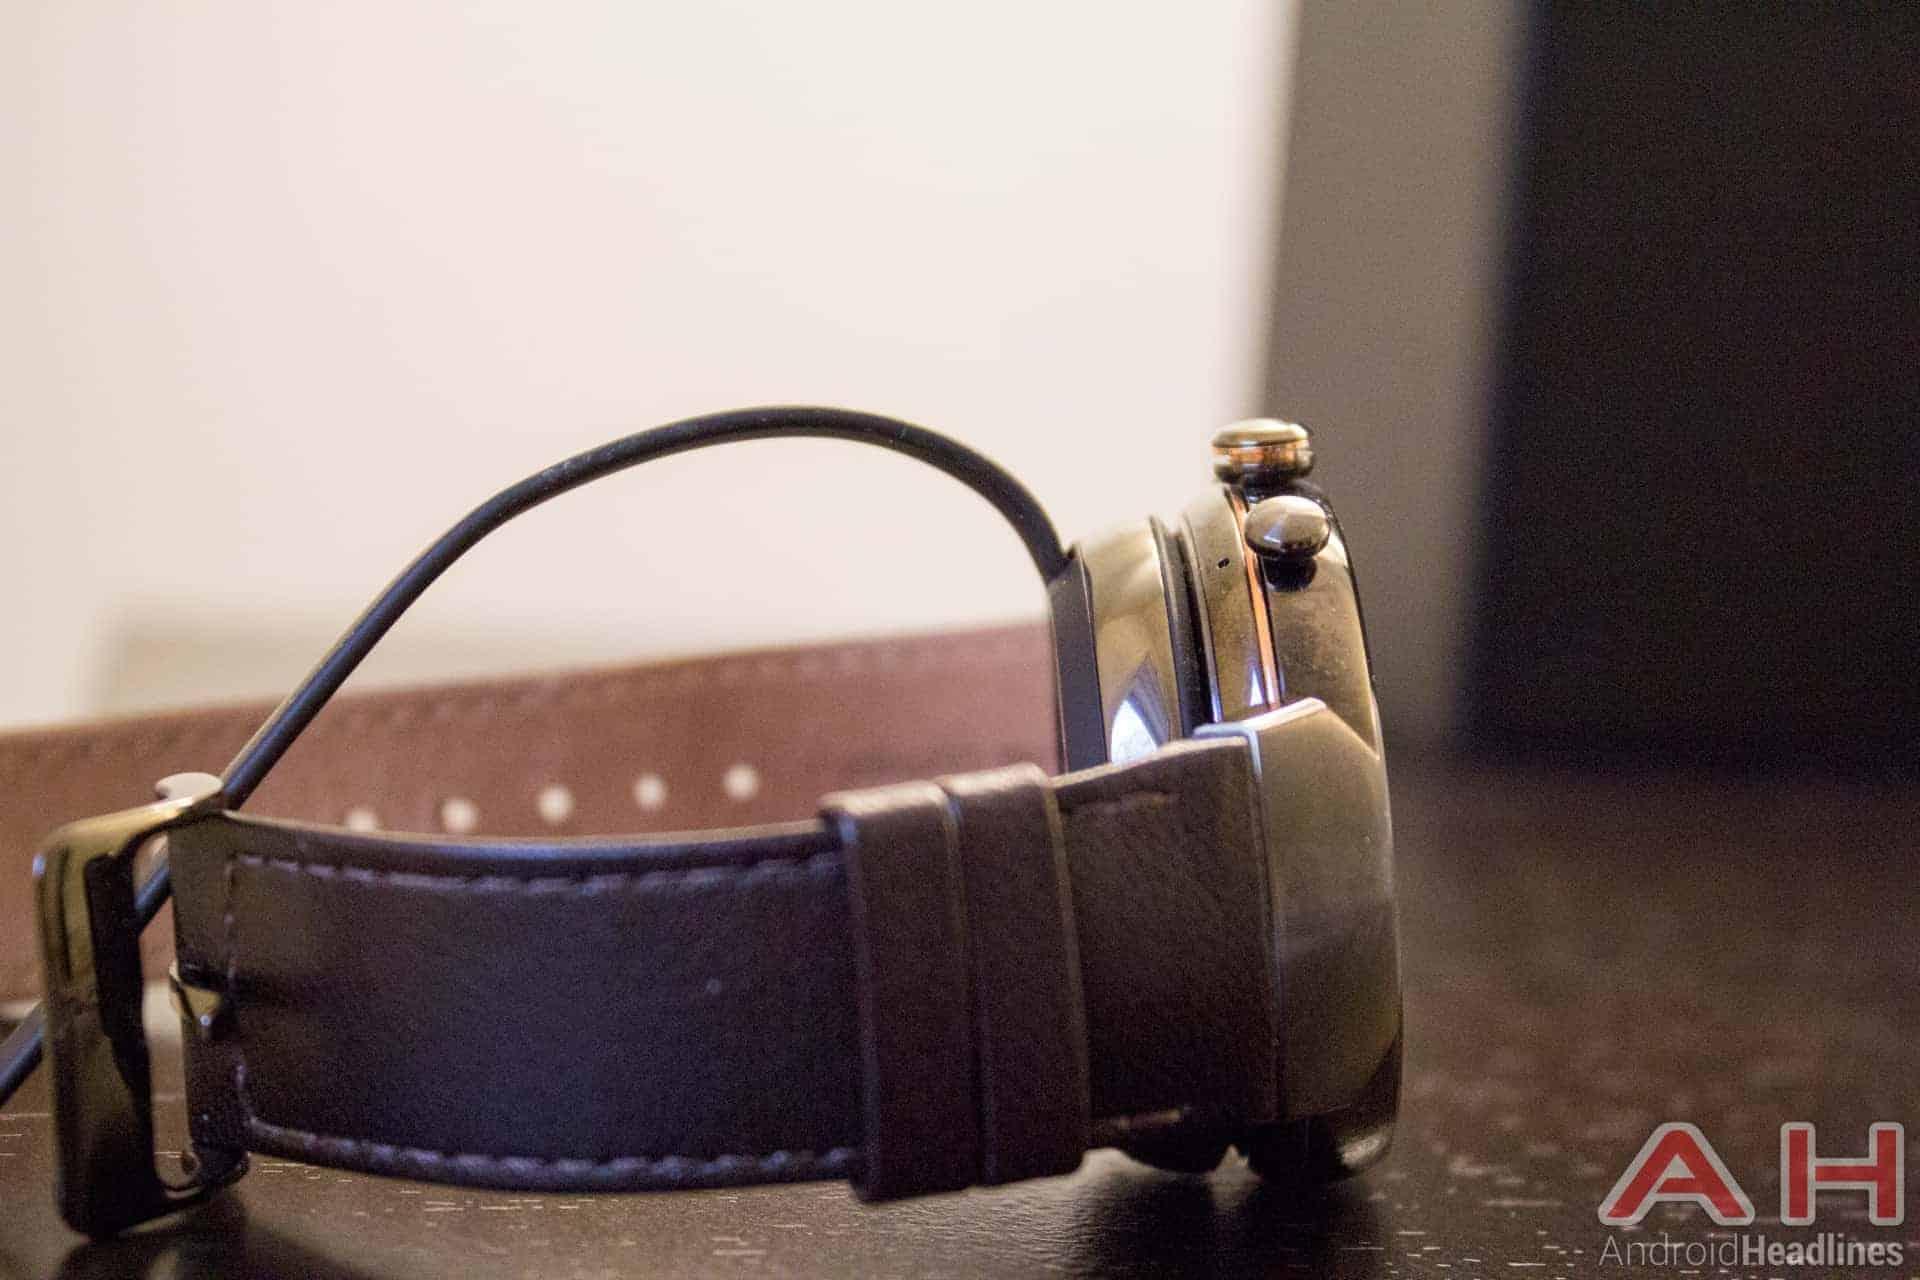 Asus Zenwatch 3 AH NS 12 charging